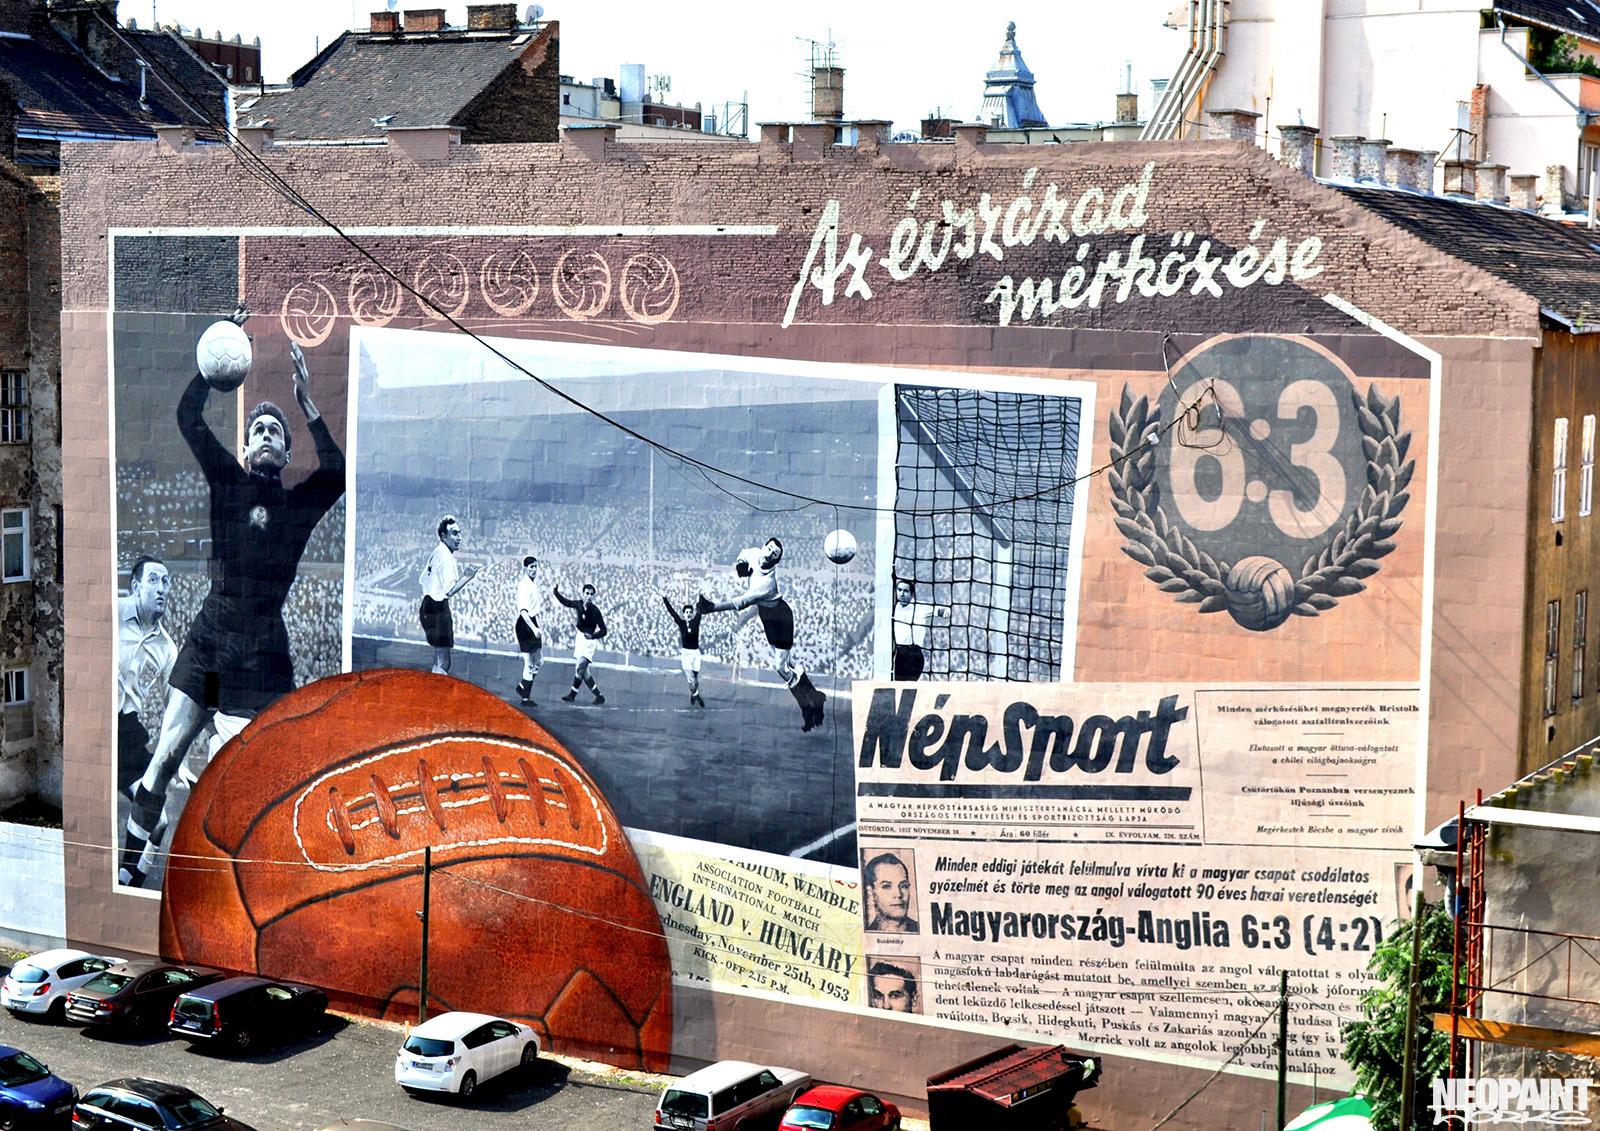 neopaint works - tűzfalfestmény - 6-3 az évszázad mérkőzése